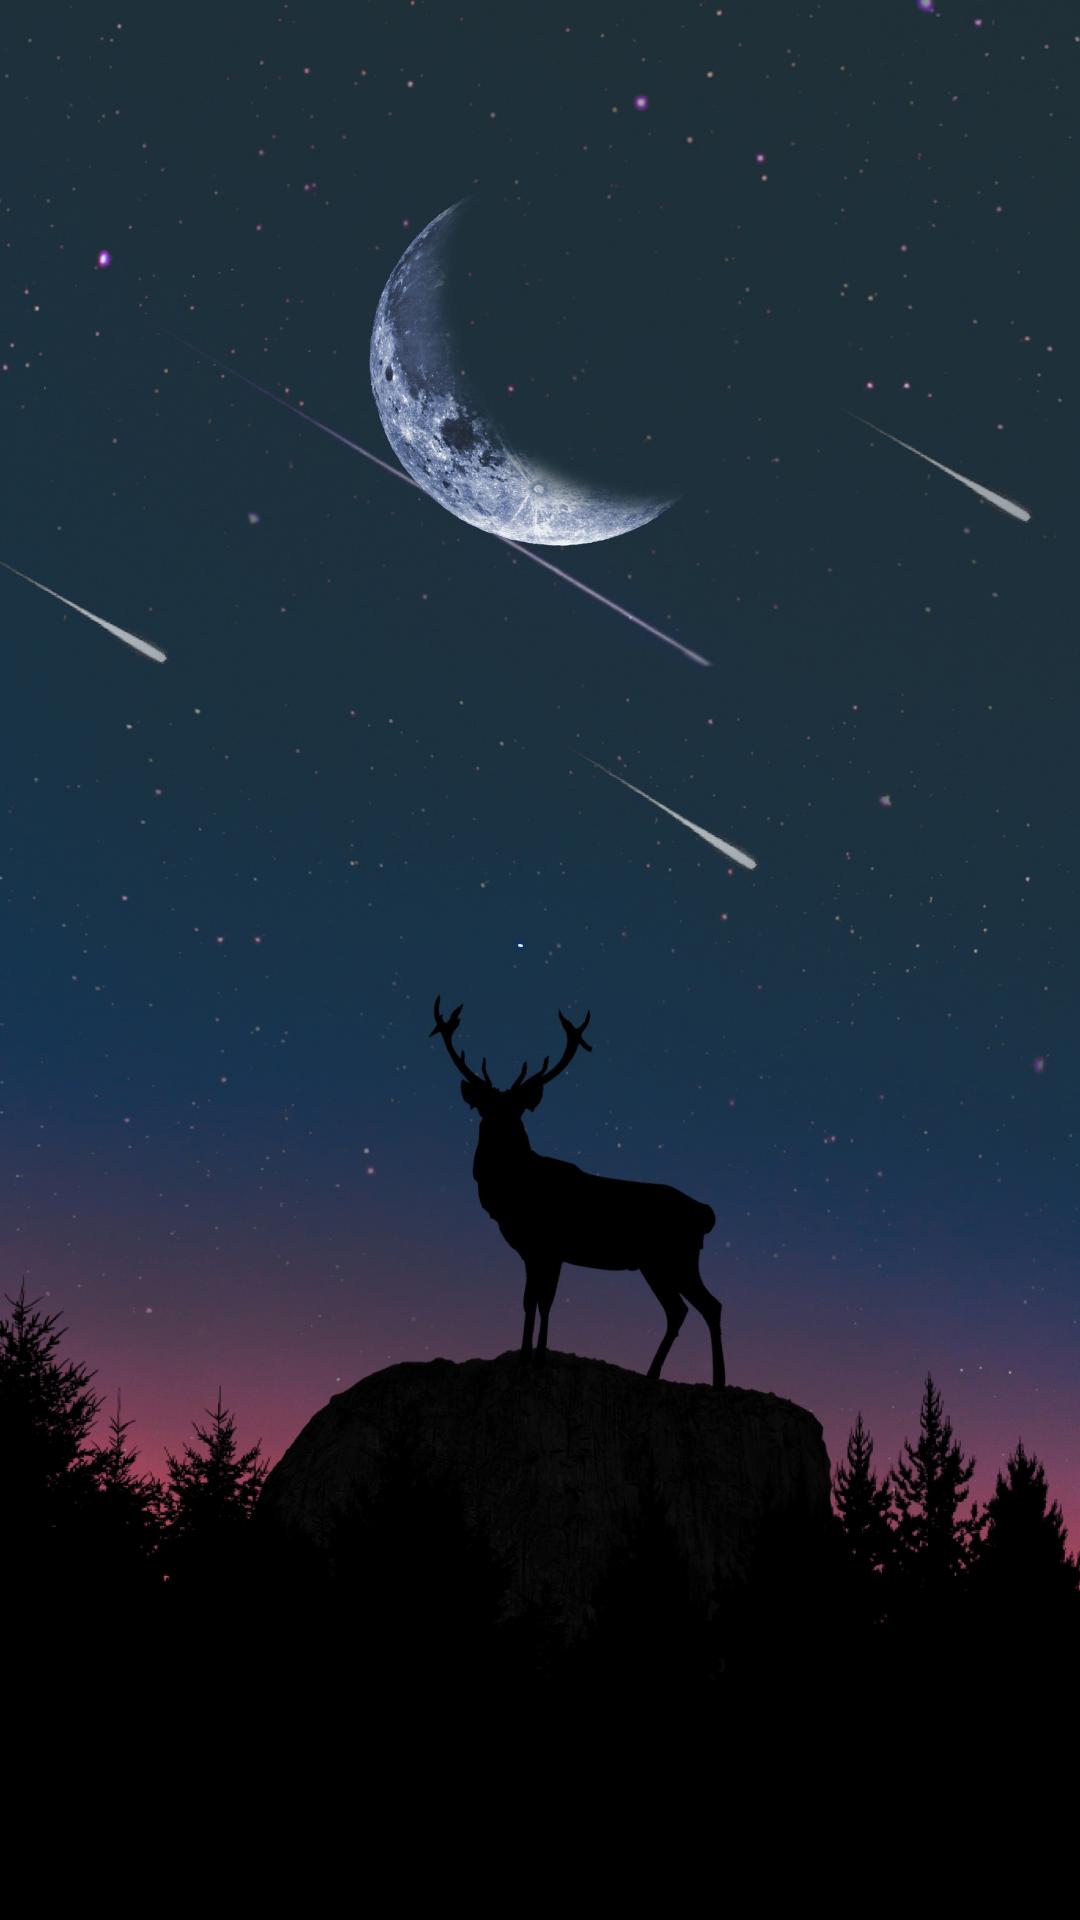 Download 1080x1920 Wallpaper Deer Moon Night Artwork